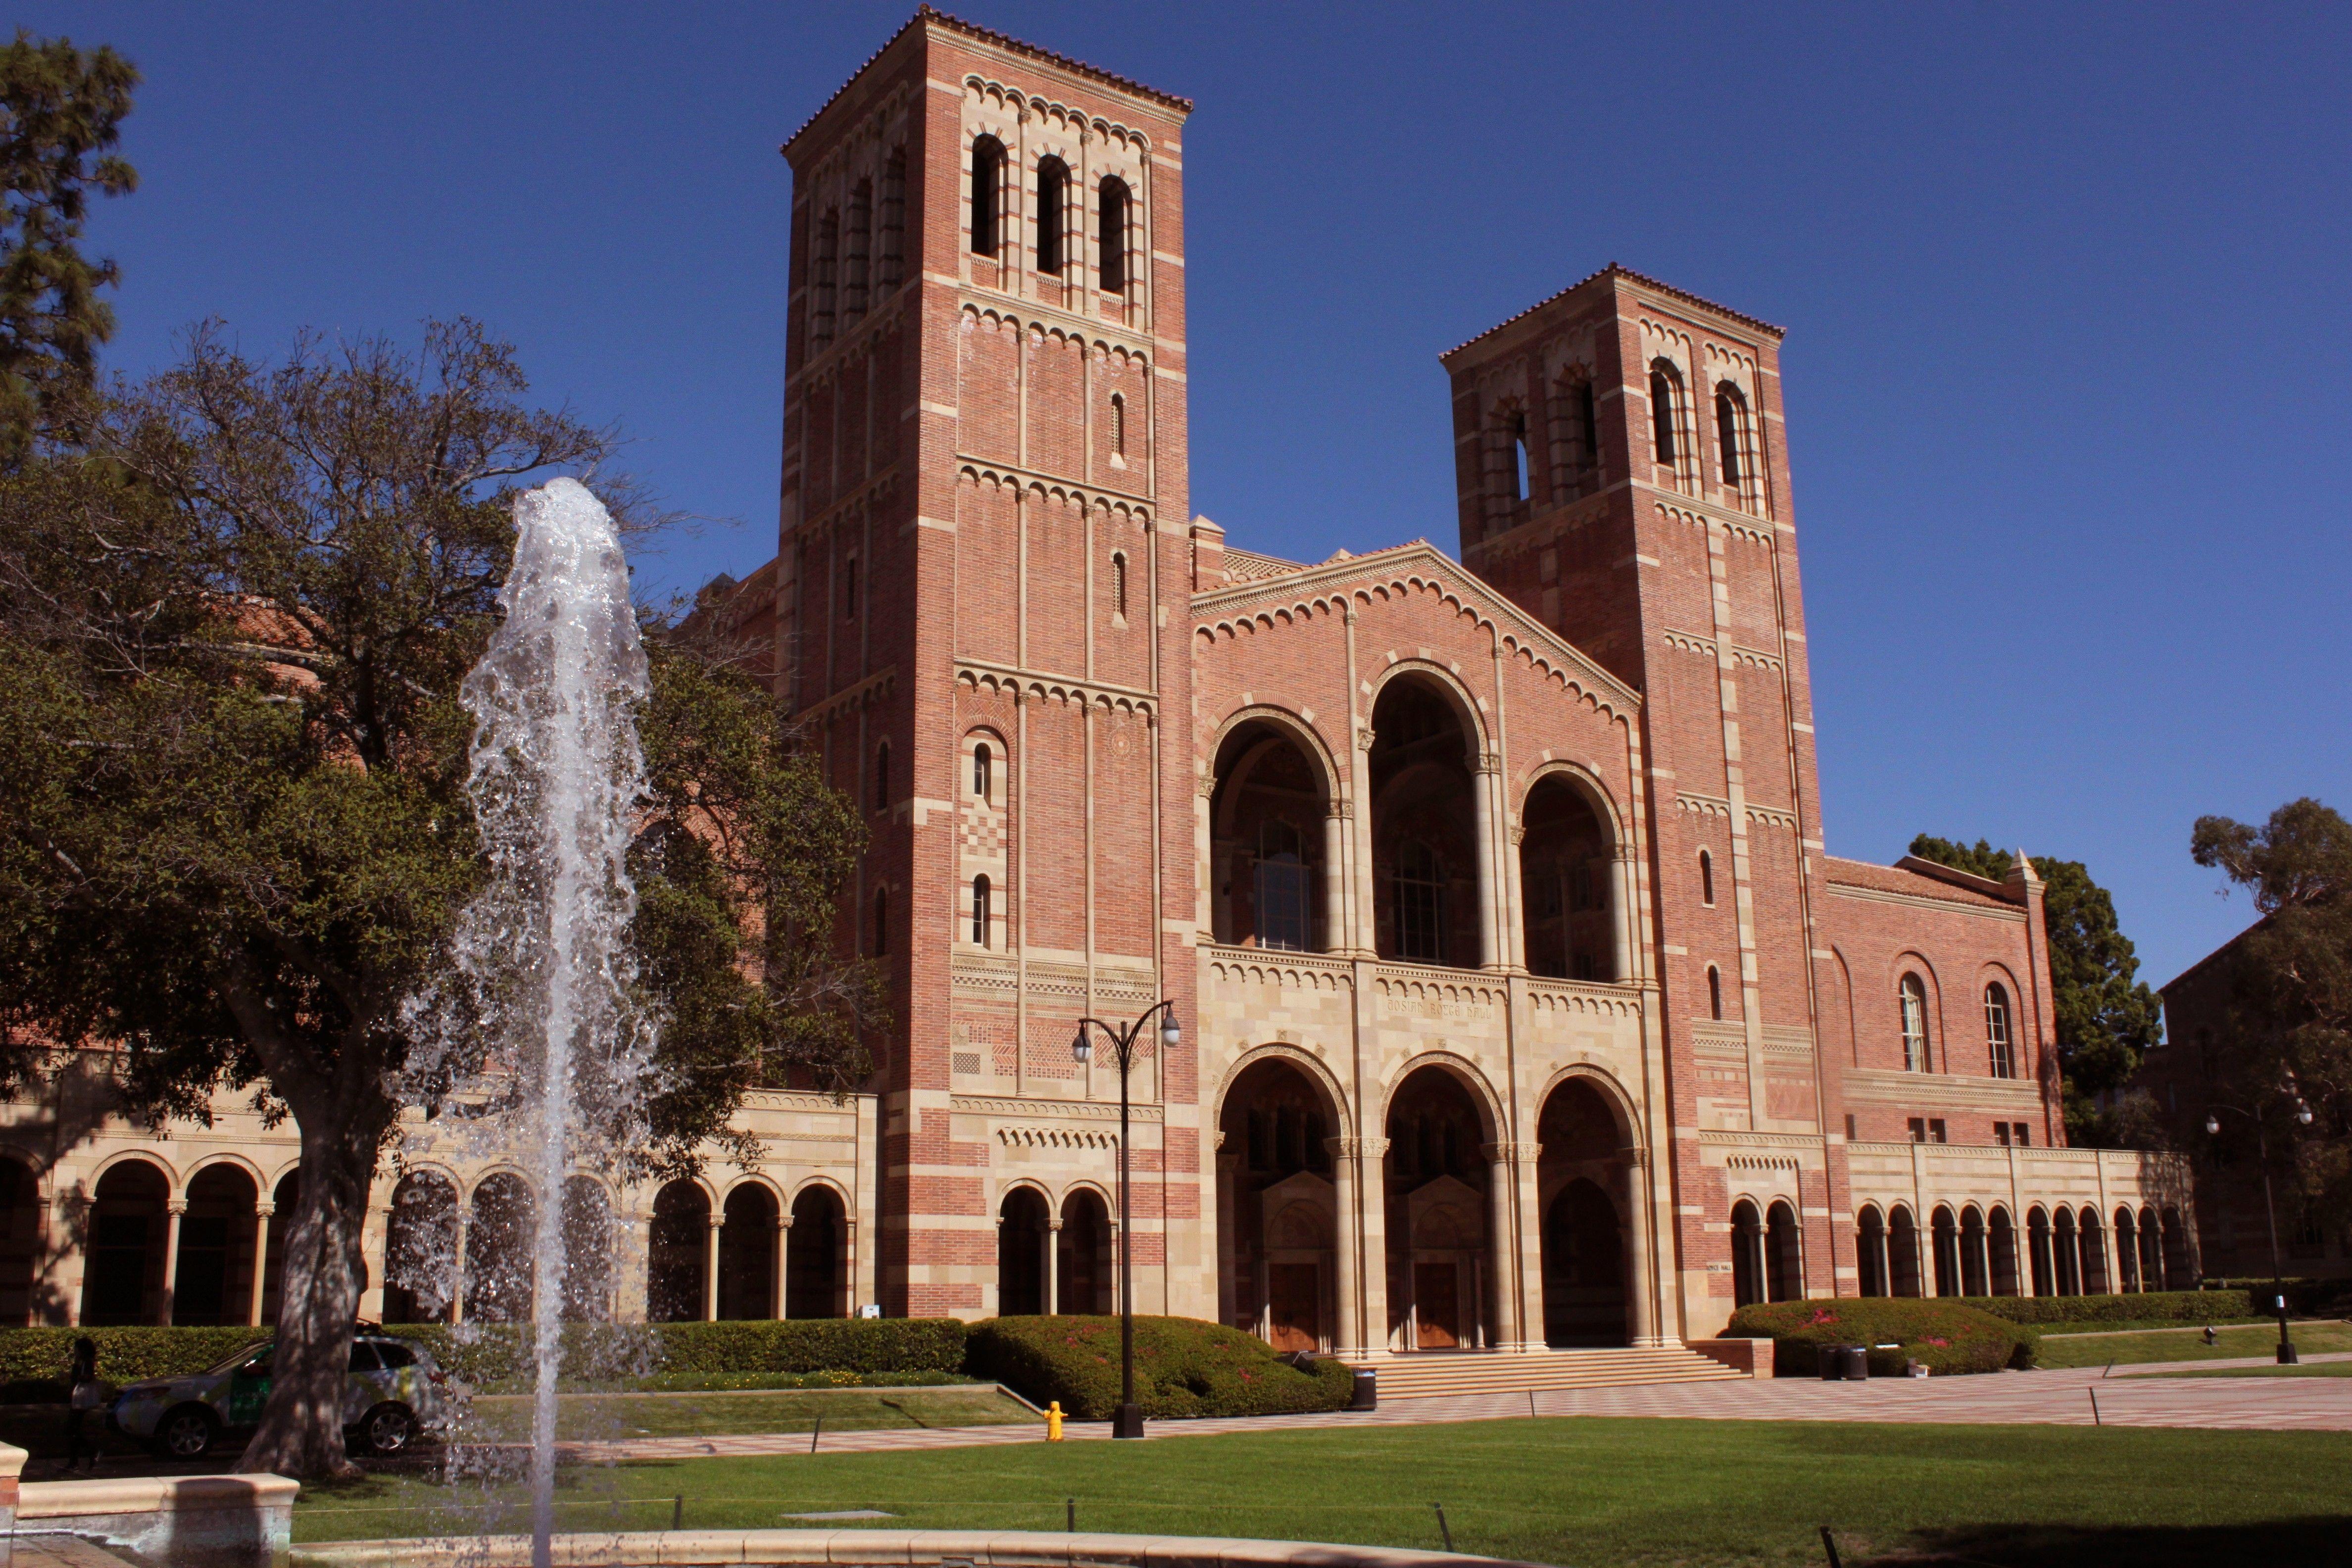 UCLA 洛杉磯加大 - 莘莘學子夢寐以求的大學 - 美國大學 申請大學 百大名校 國外留學 XL ACADEMY 國際學校